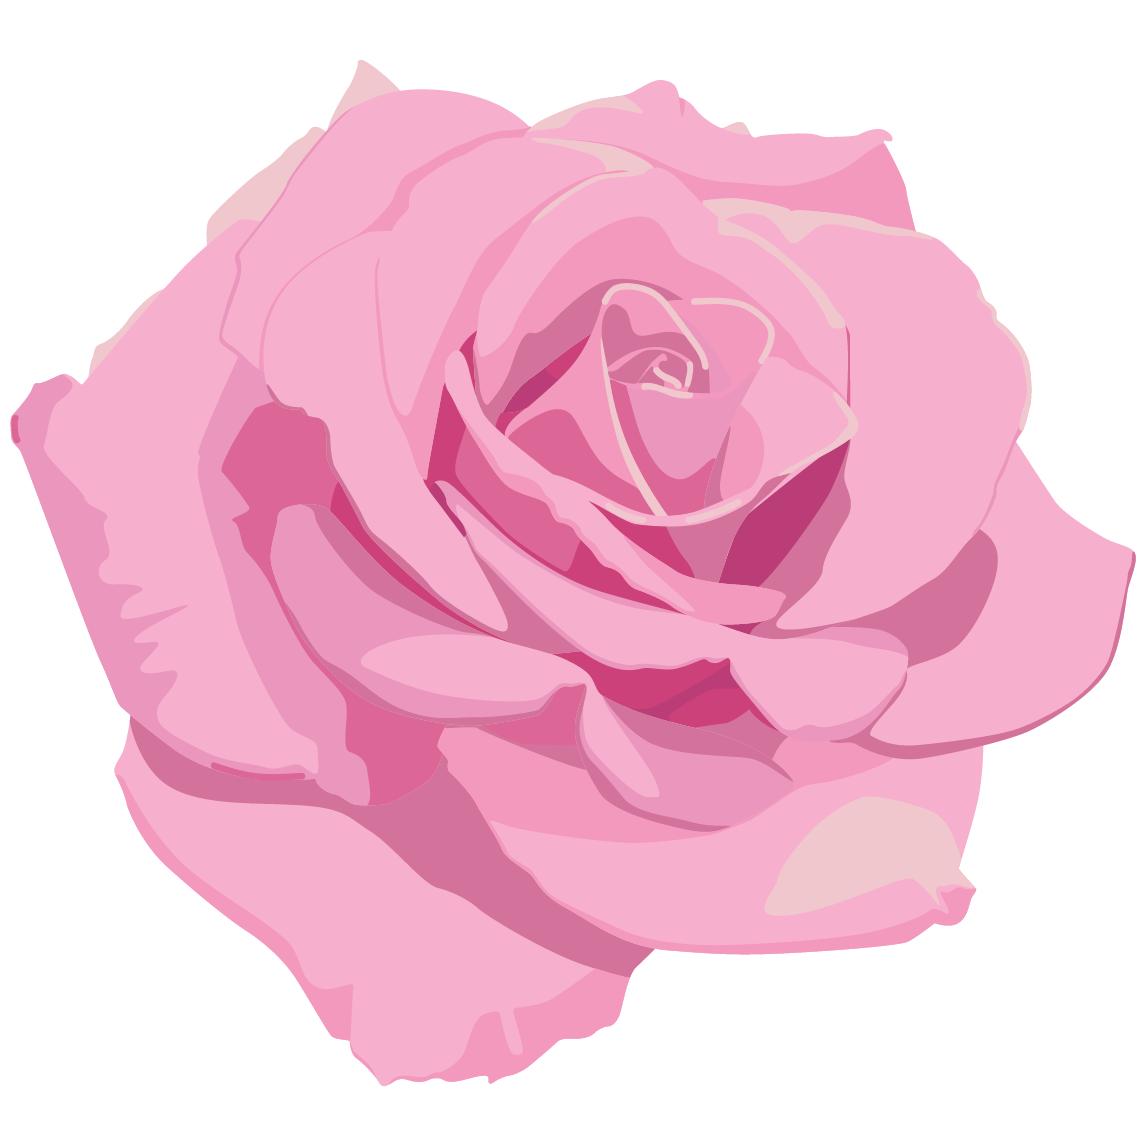 Pink rose illustration